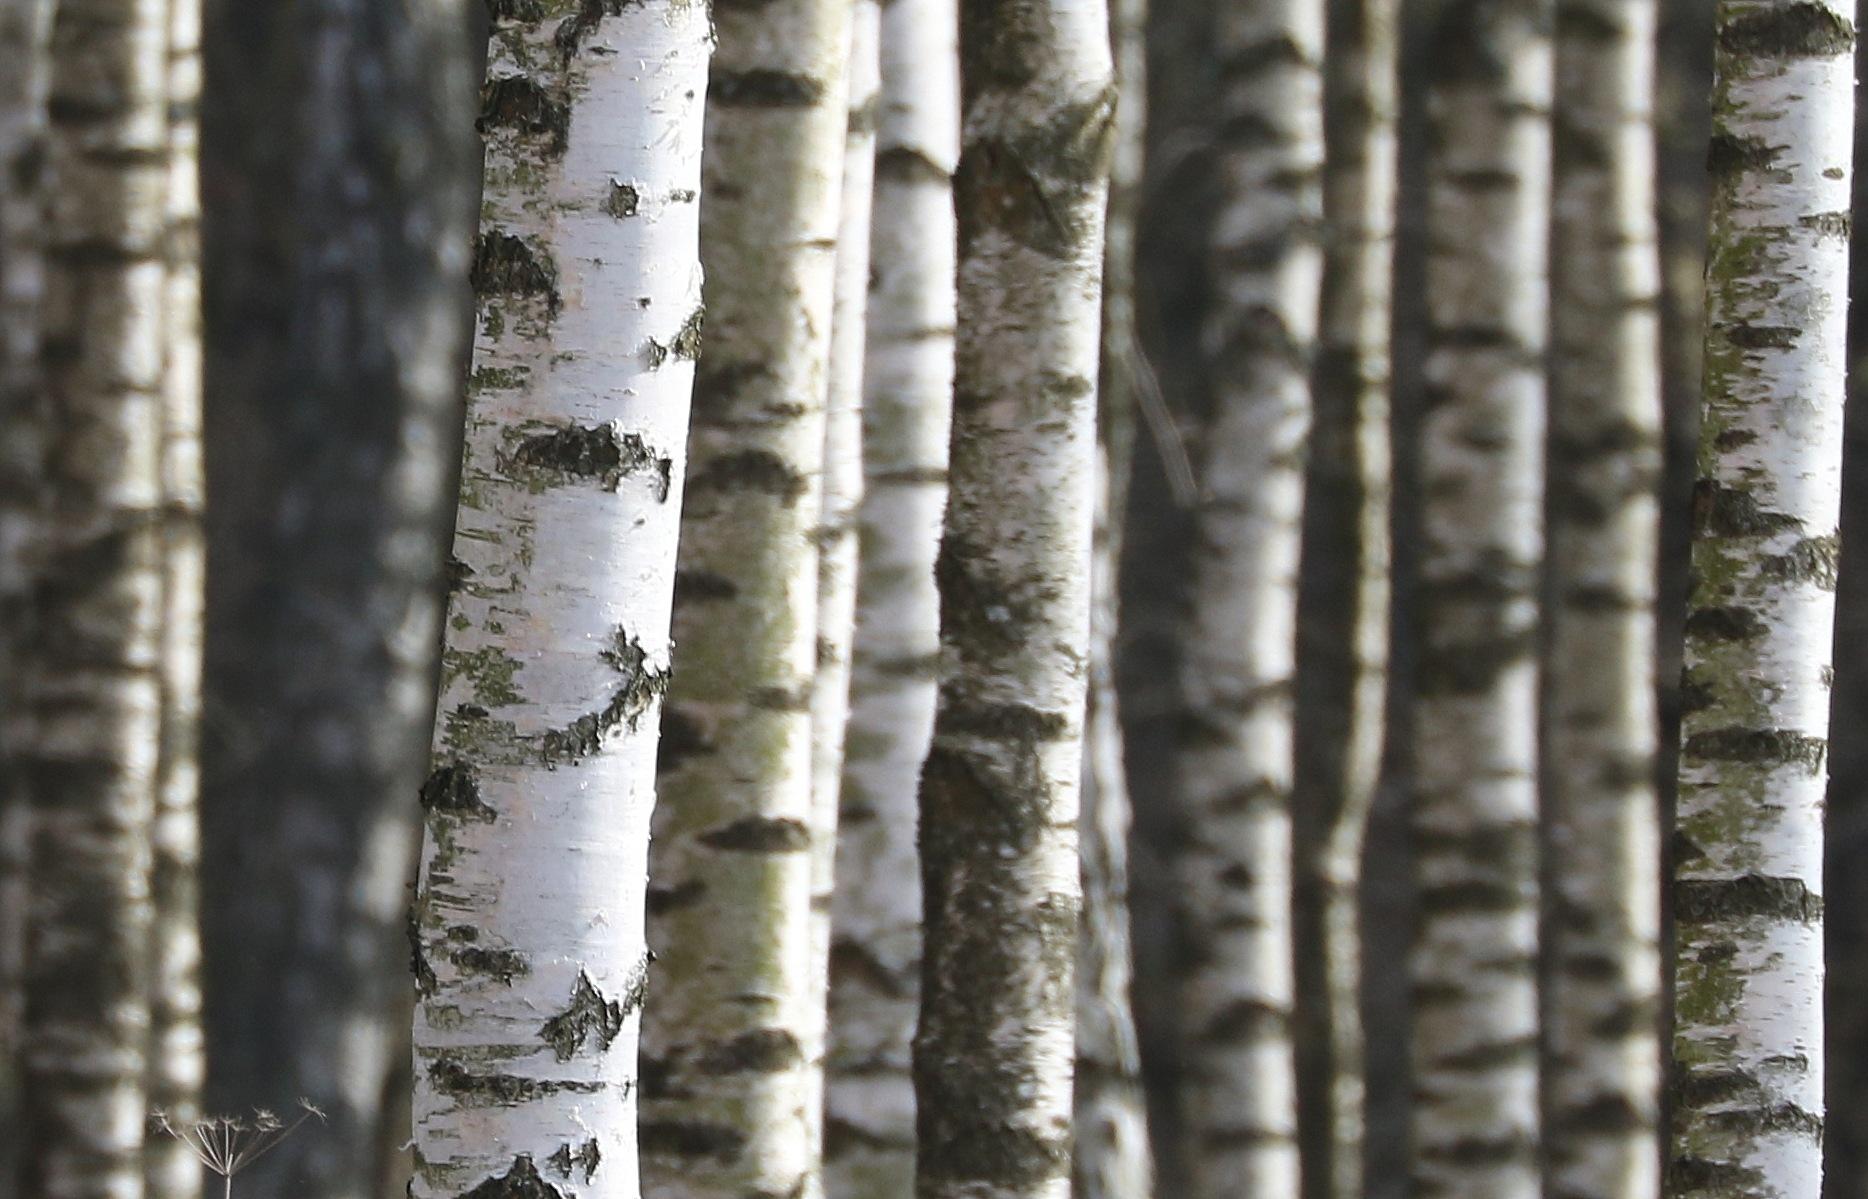 Birches by AnnDessnert